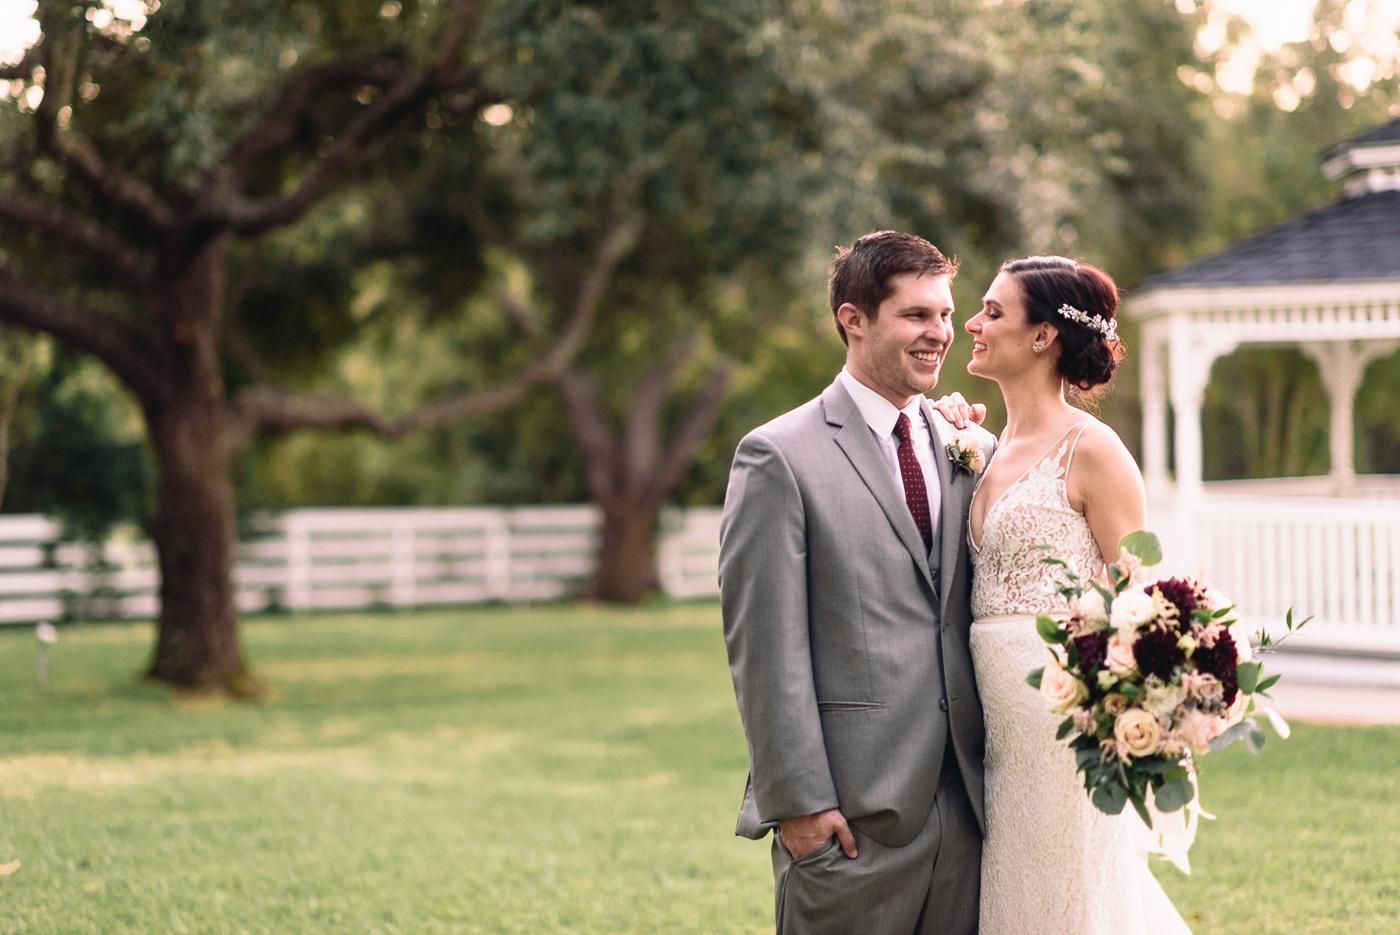 magnolia.texas.wedding (52 of 85).jpg